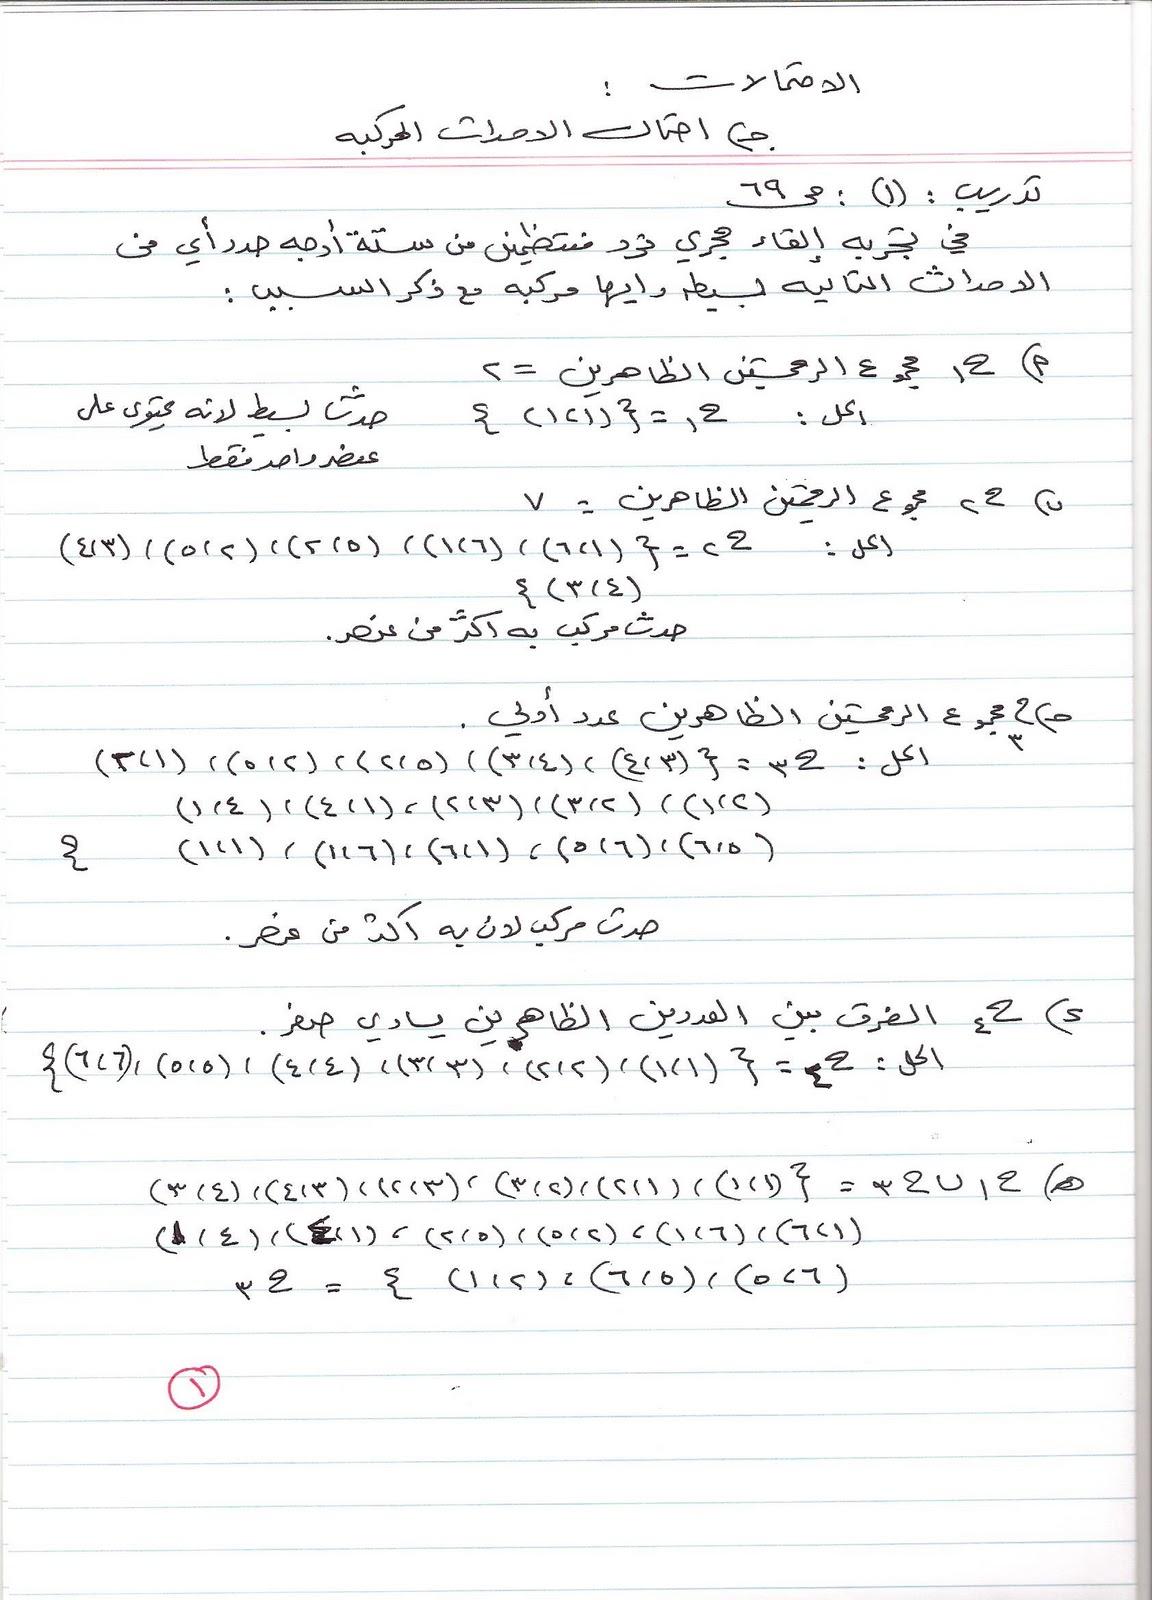 كتاب الفيزياء للصف الحادي عشر متقدم pdf